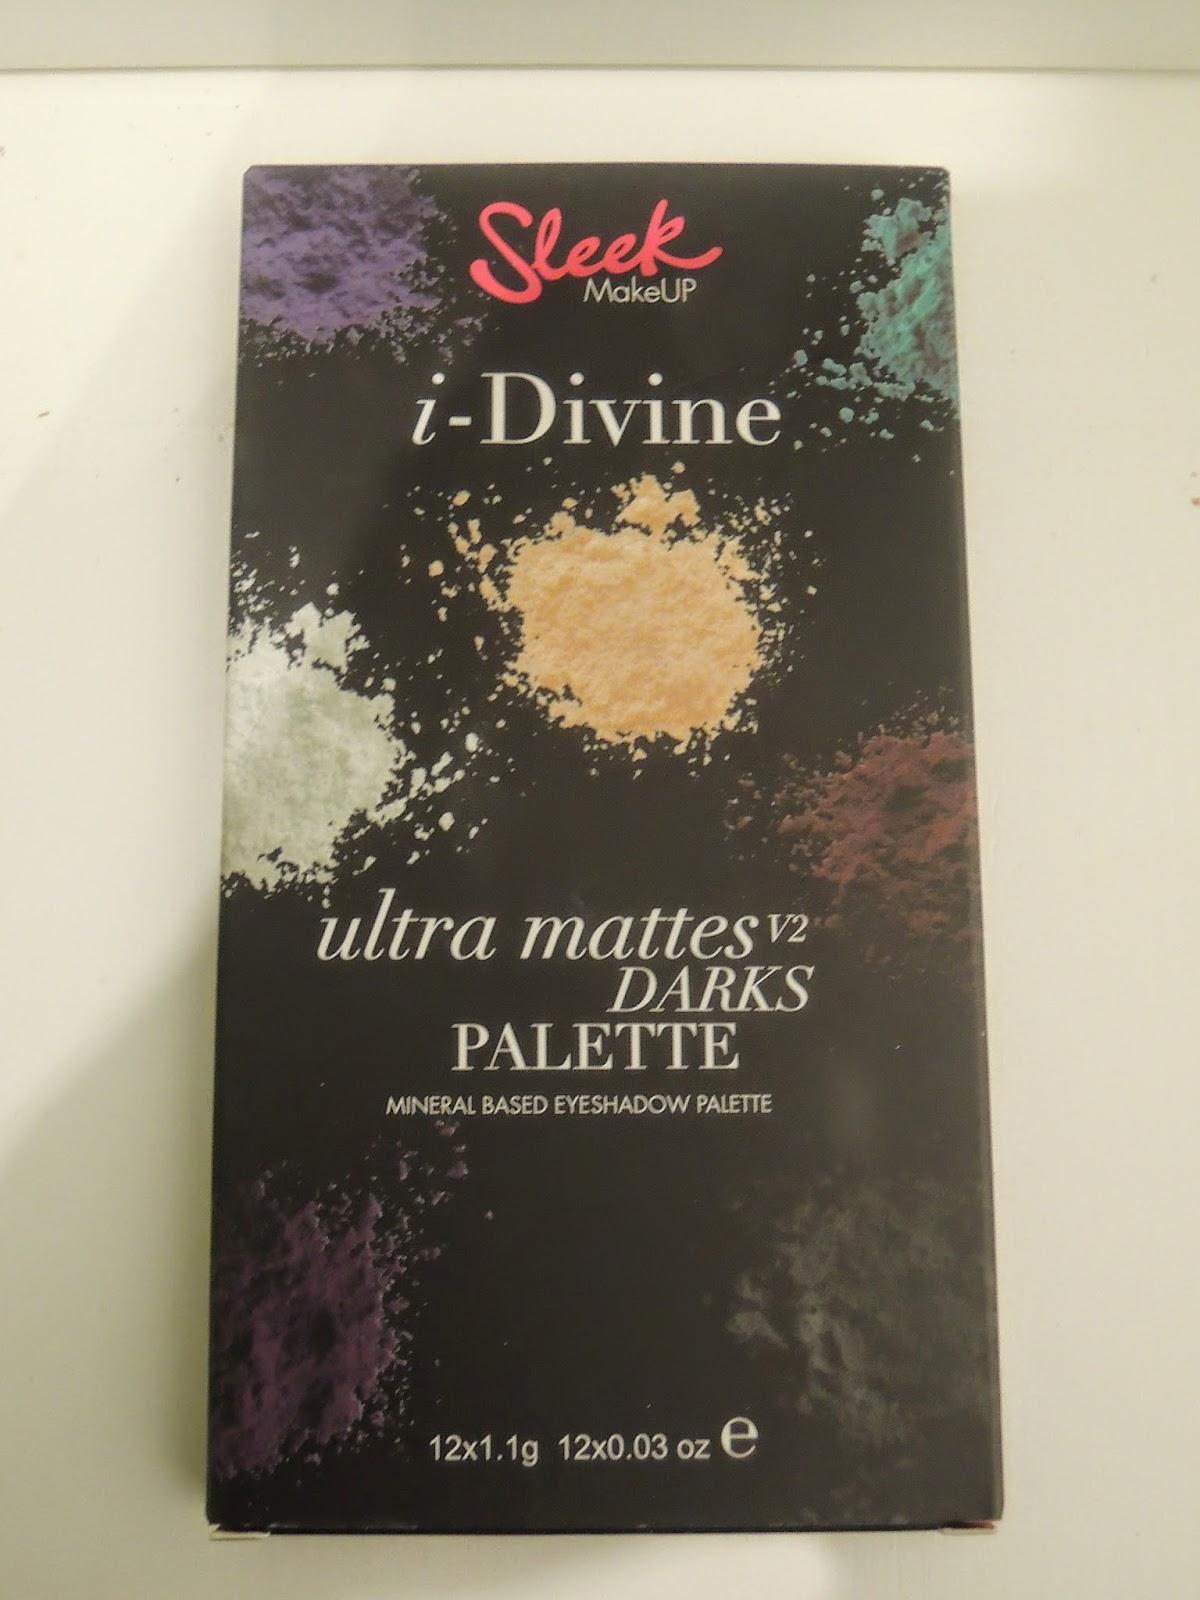 Czy Sleek ma dobre matowe cienie? Ultra Mattes V2 Darks